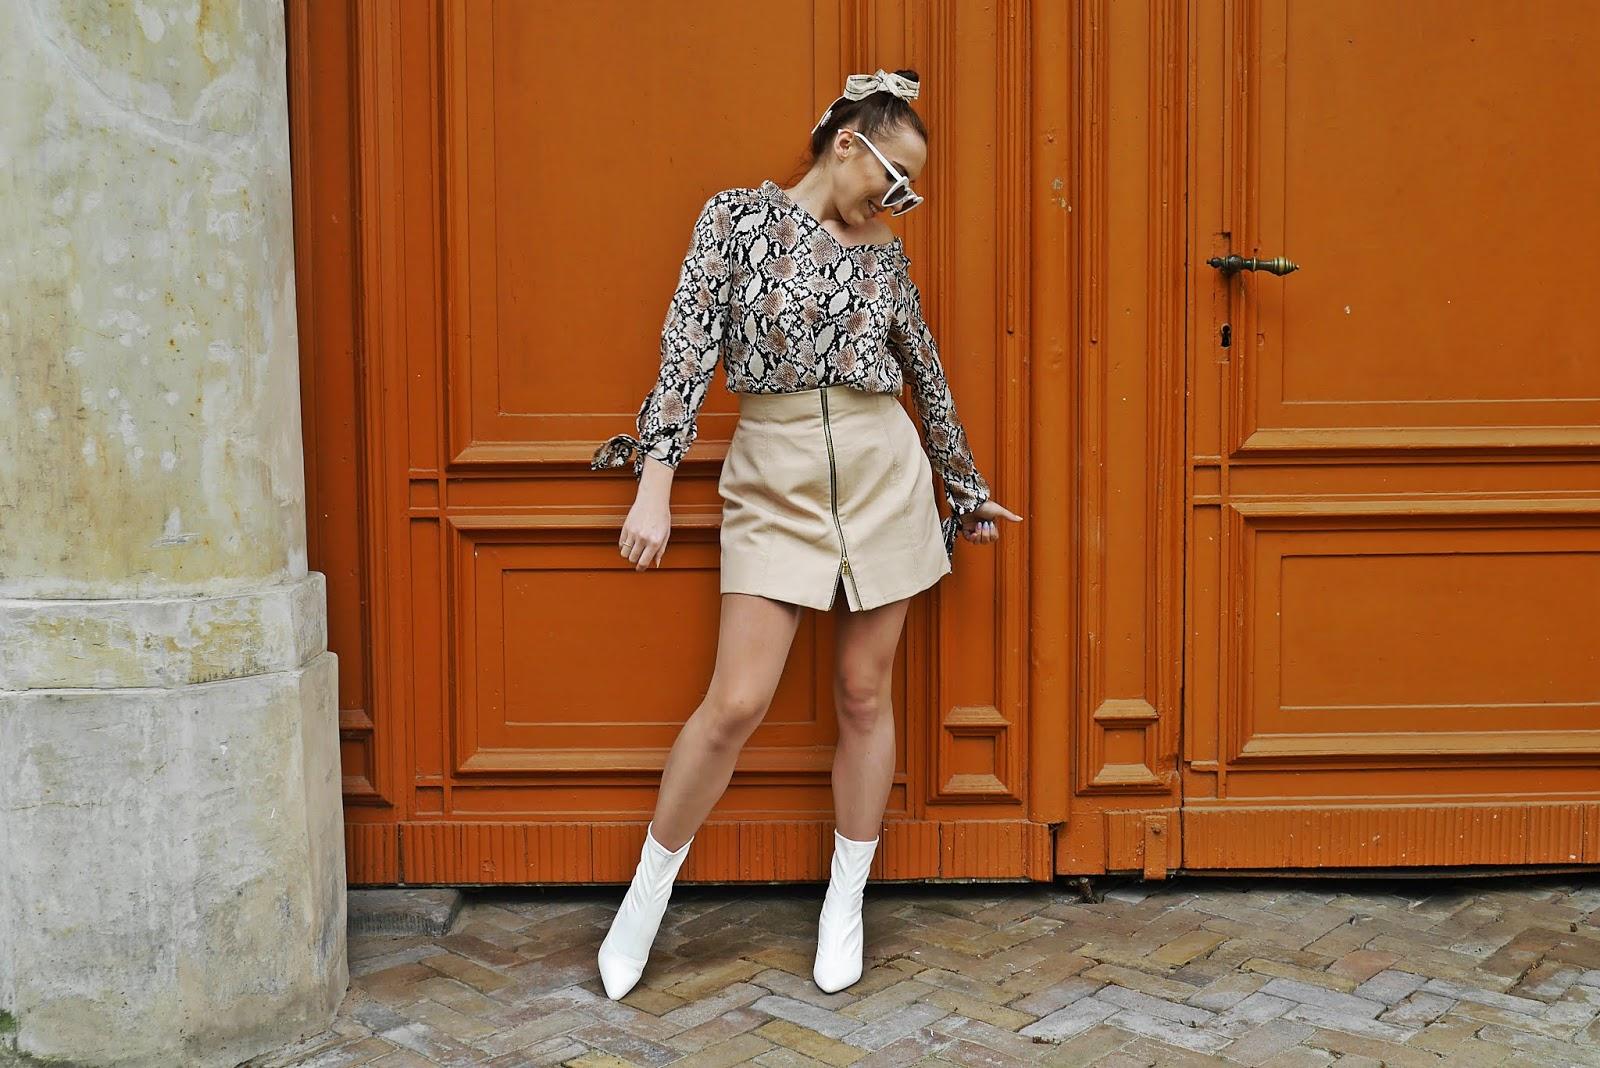 białe skarpetkowe botki renee beżowa spódnica zara top w panterkę shein karyn blog modowy